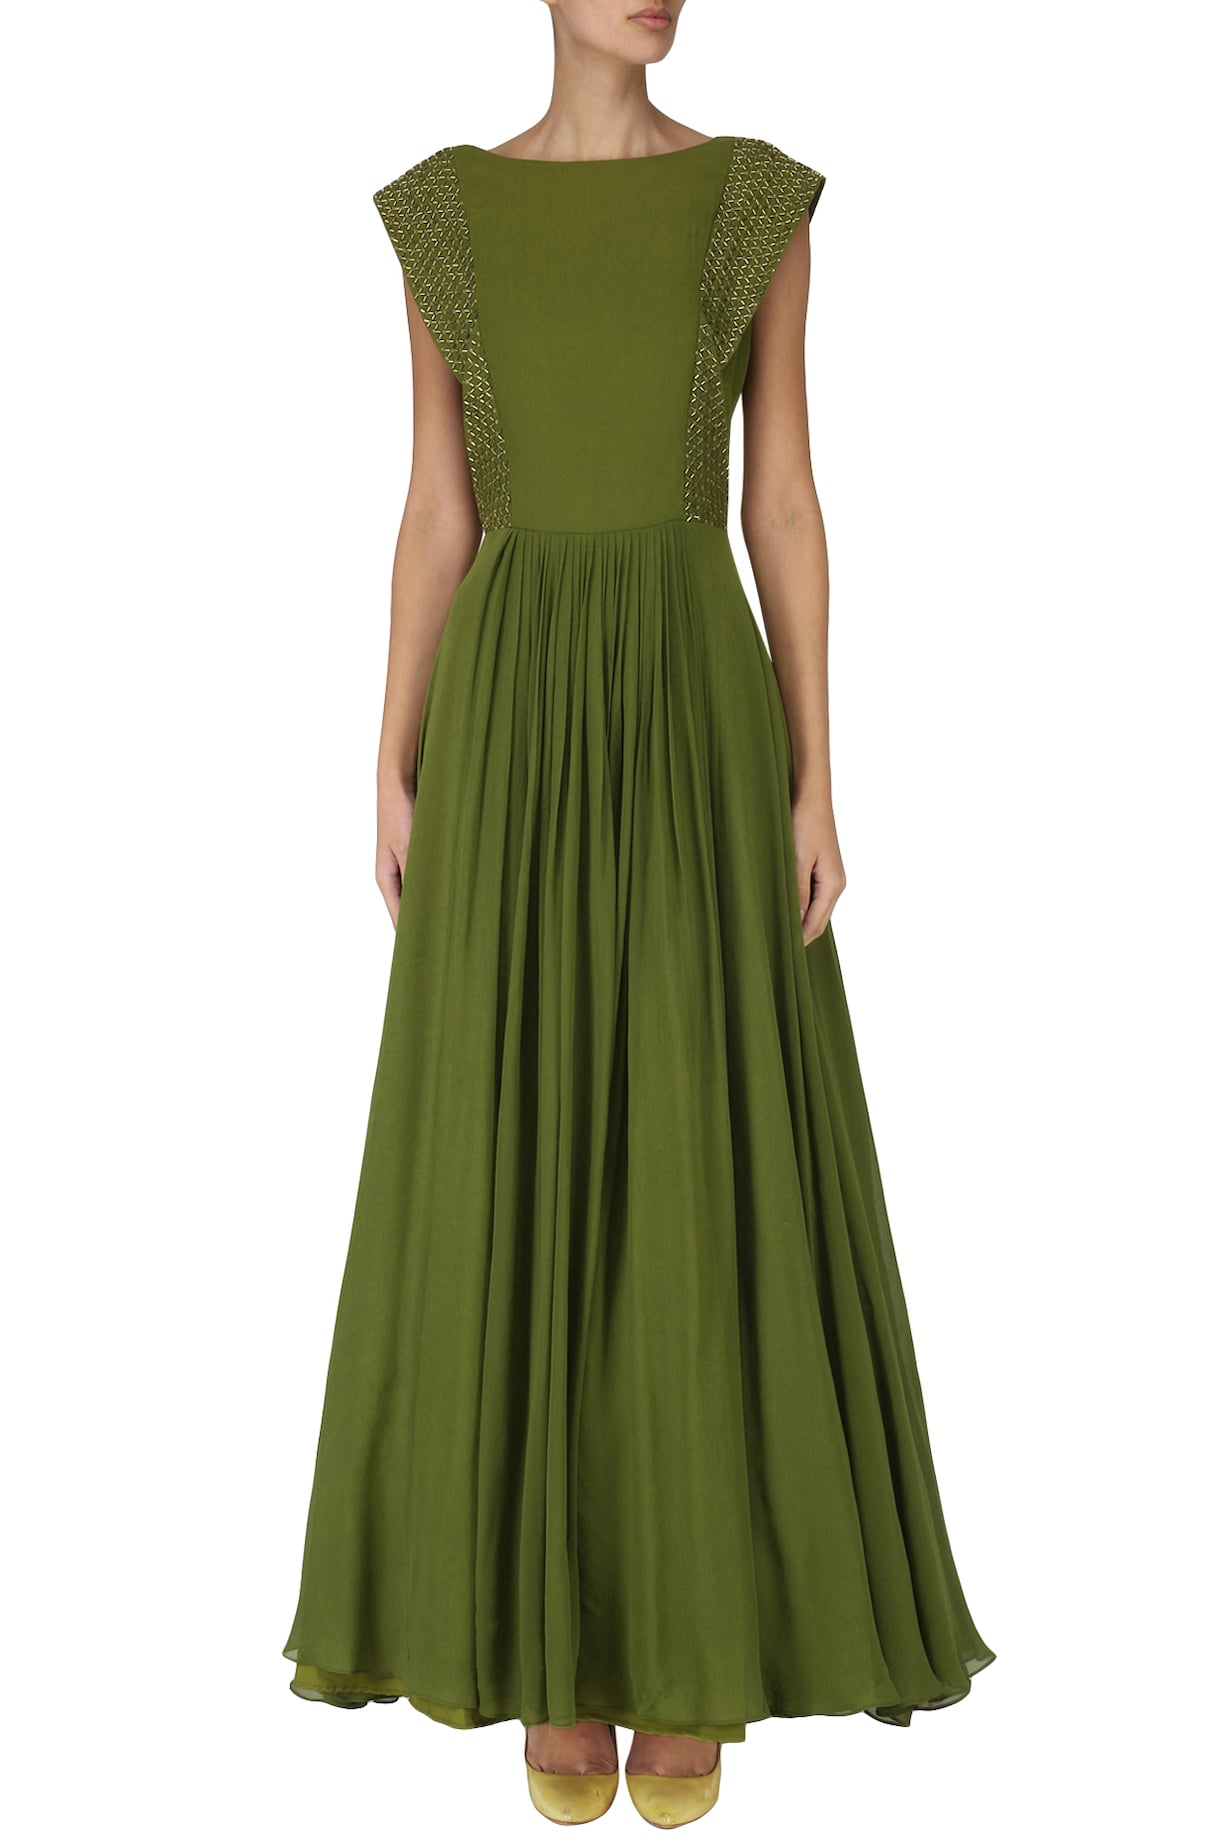 Kakandora Gowns